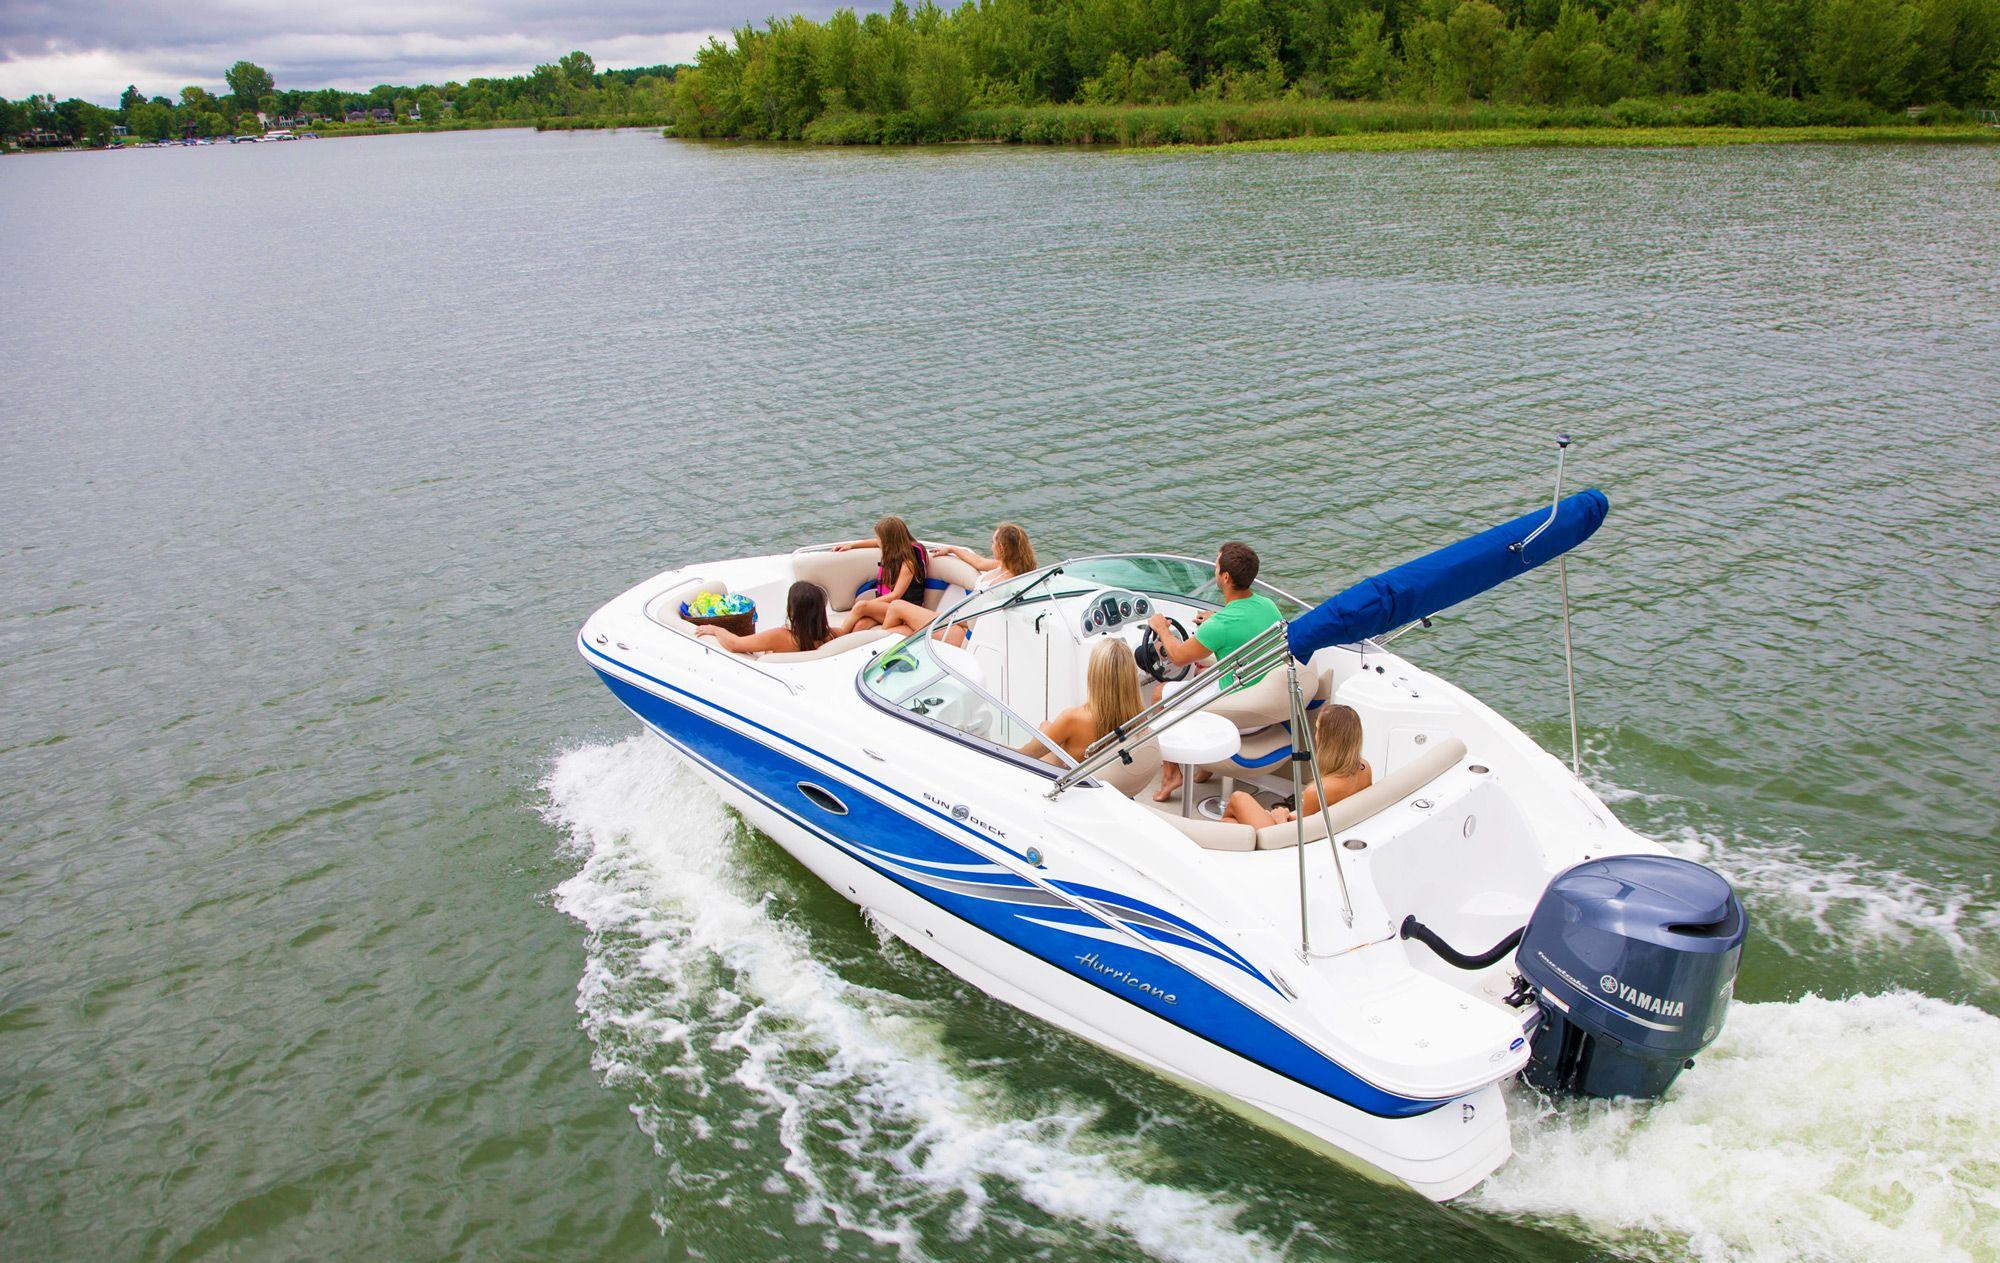 Pin By Hurricane Boats On Hurricane Sundeck Outboard Models Hurricane Boats Family Boats Outboard